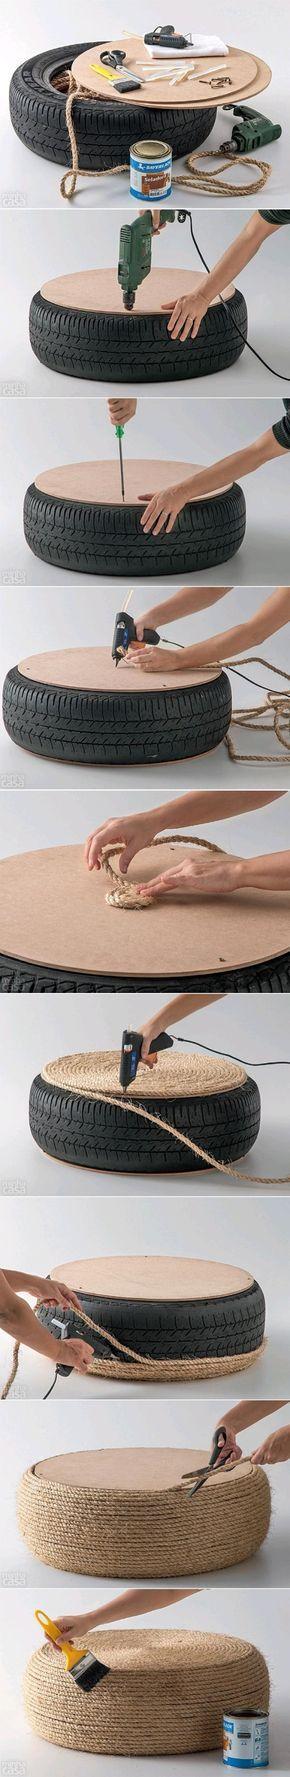 idee f r sitzkissen ohne gestank basteln alte reifen. Black Bedroom Furniture Sets. Home Design Ideas